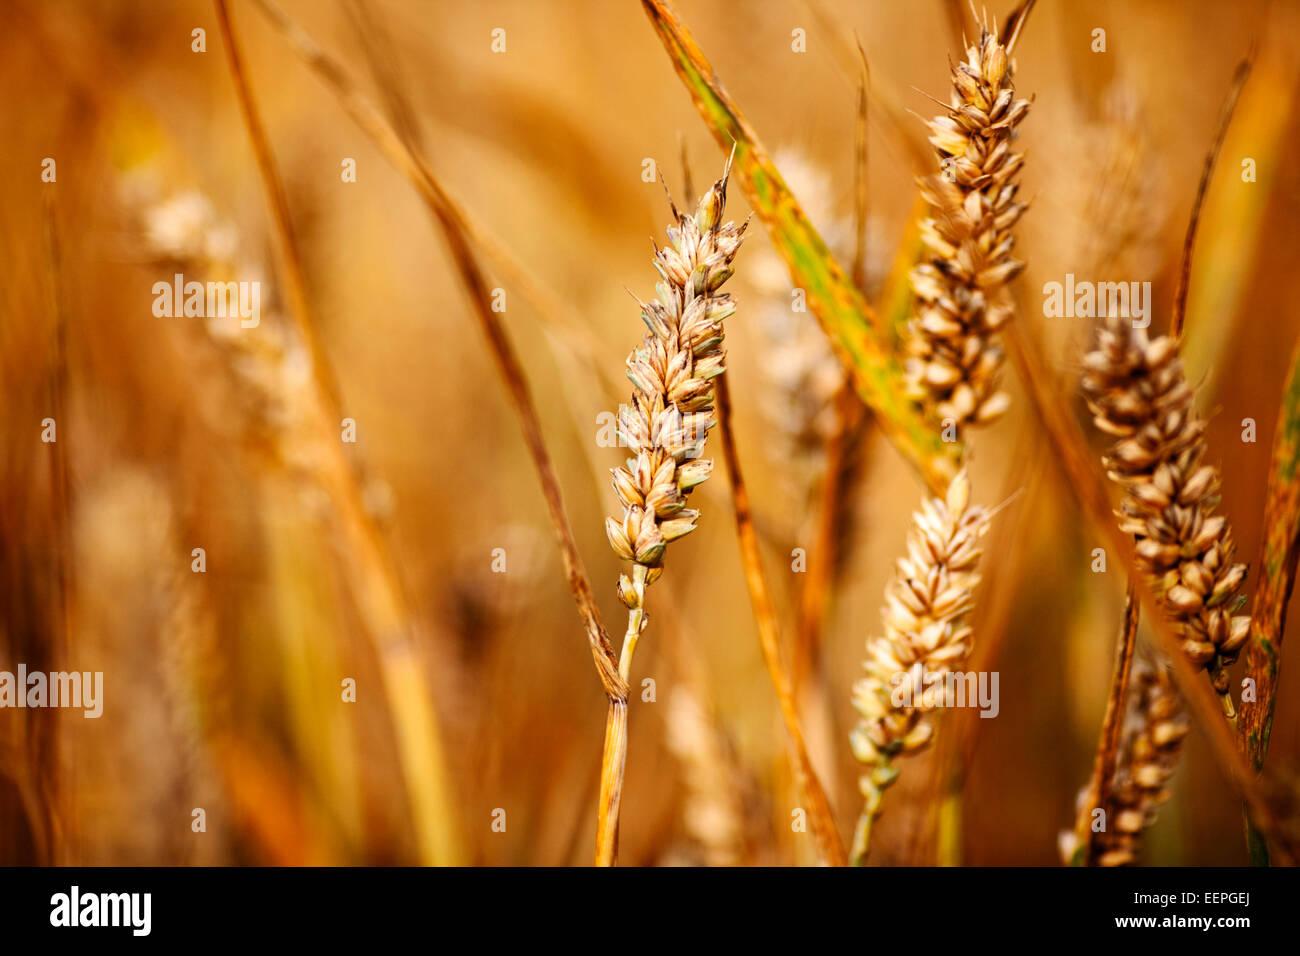 La culture du blé dans un champ Photo Stock